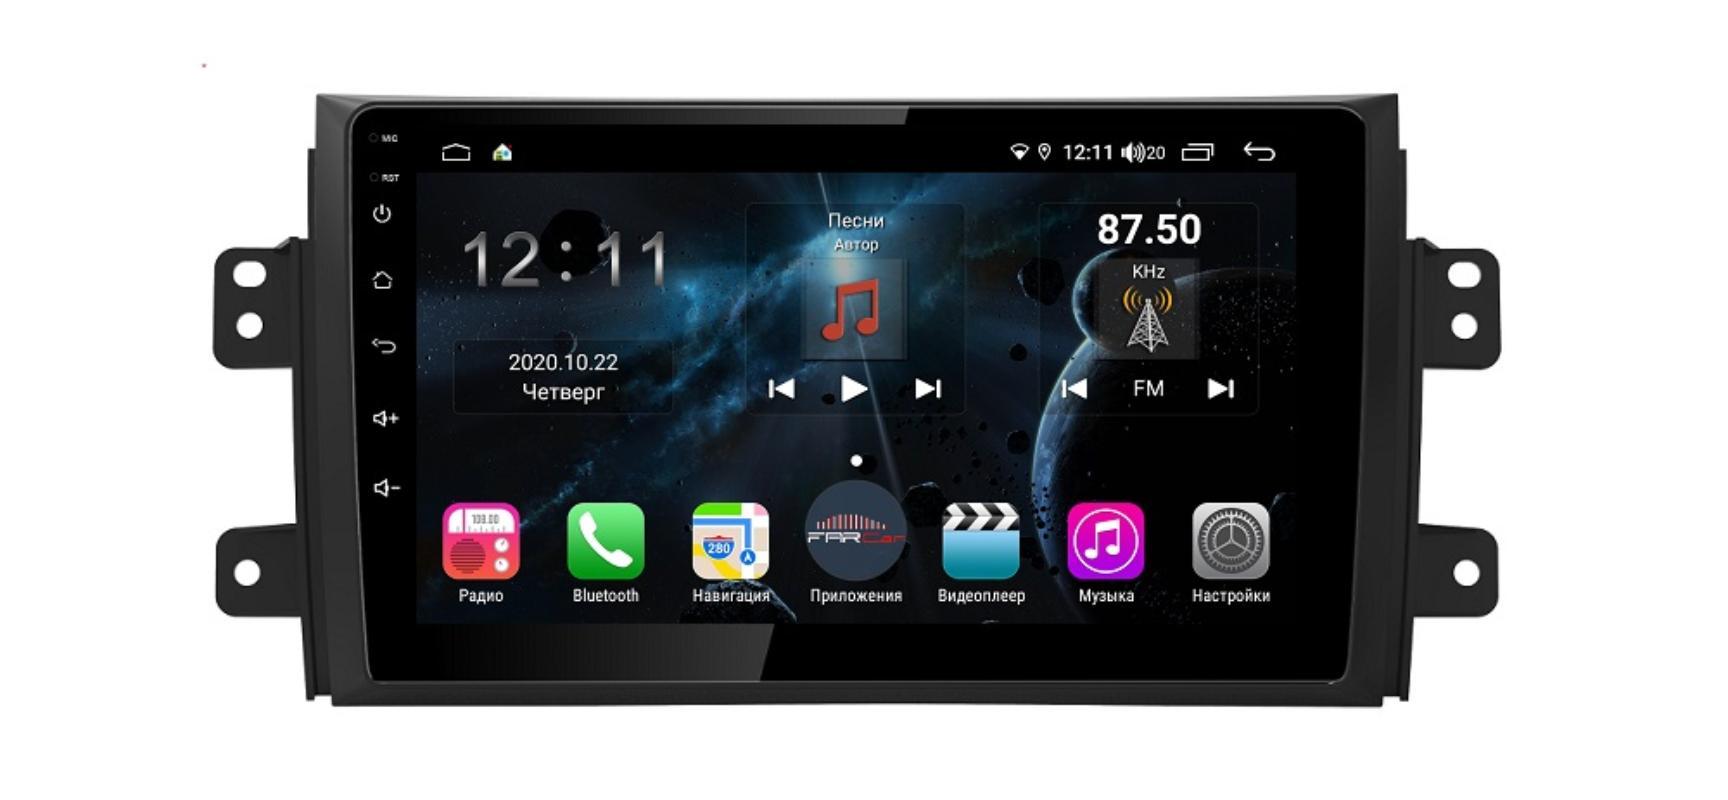 Штатная магнитола FarCar s400 для Suzuki Sx-4 на Android (H124R) (+ Камера заднего вида в подарок!)